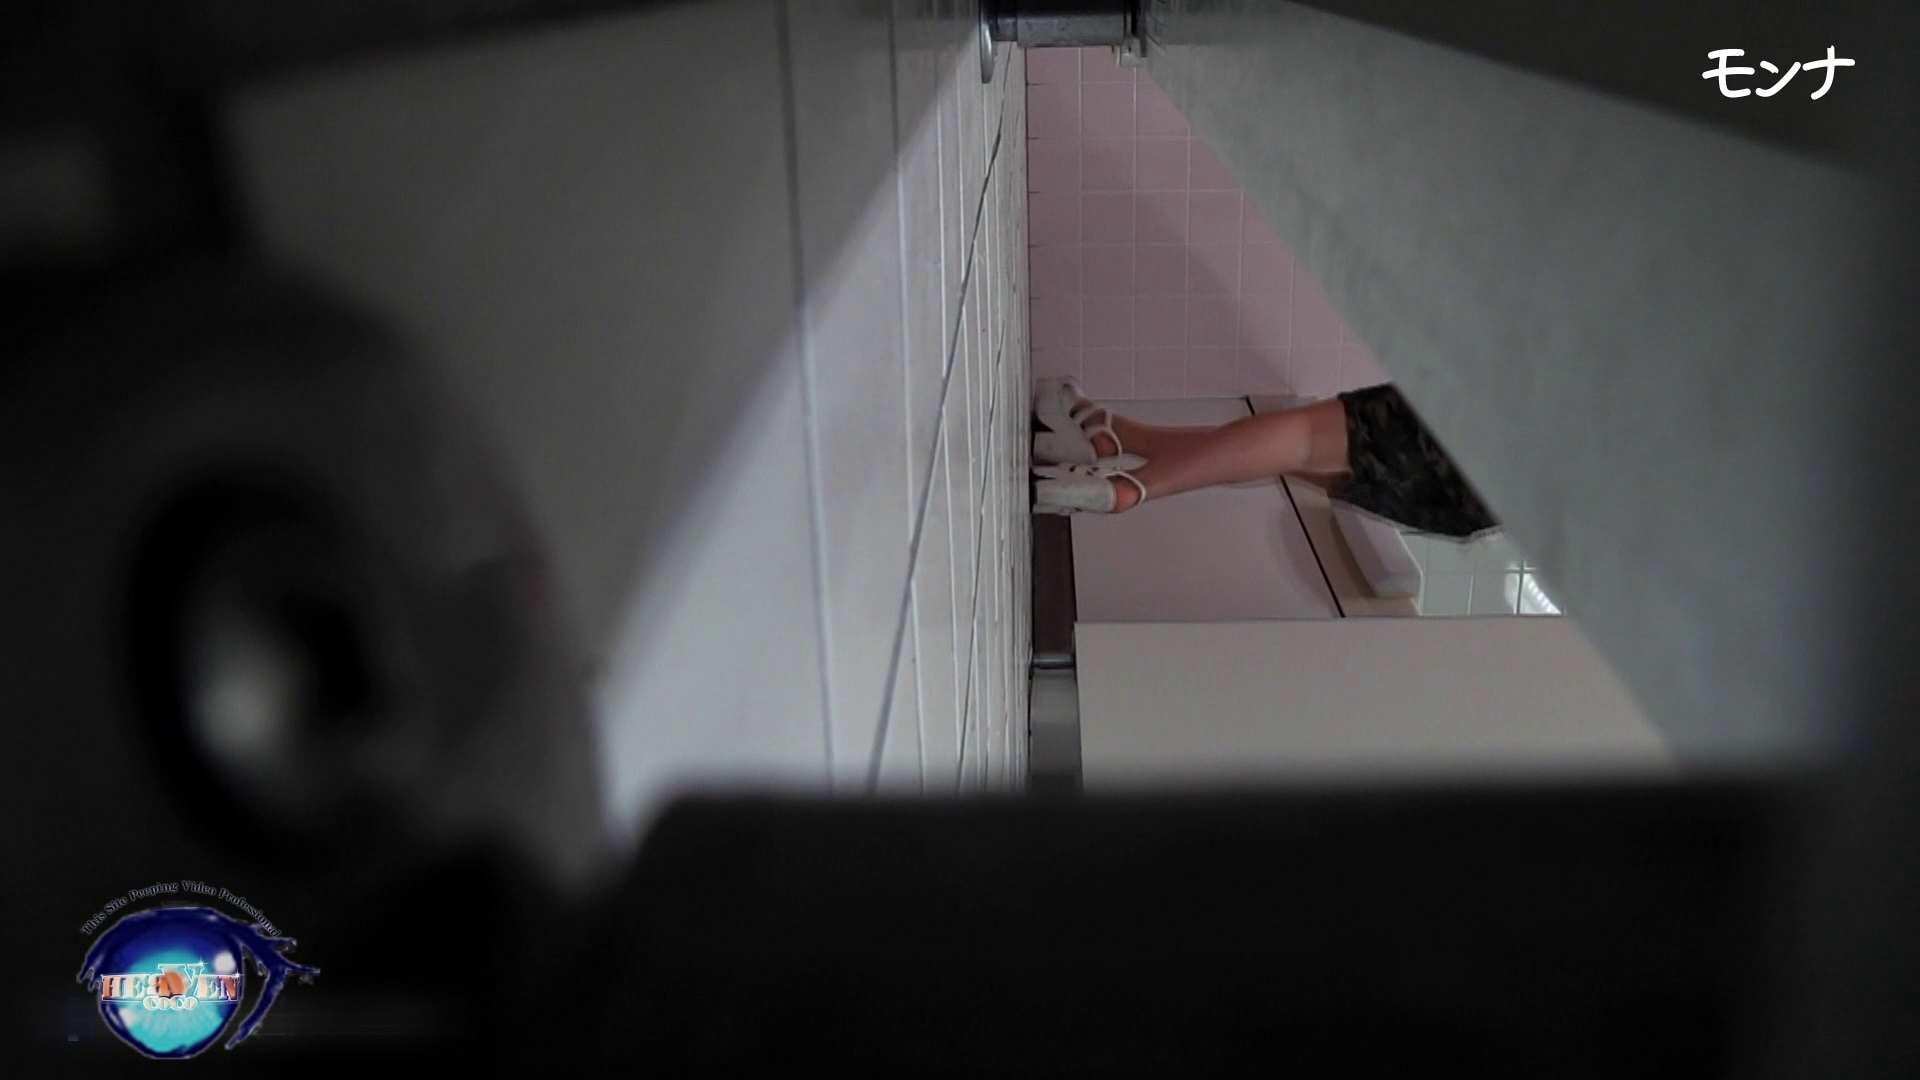 【美しい日本の未来】美しい日本の未来 No.74 盗撮   覗き  59pic 20